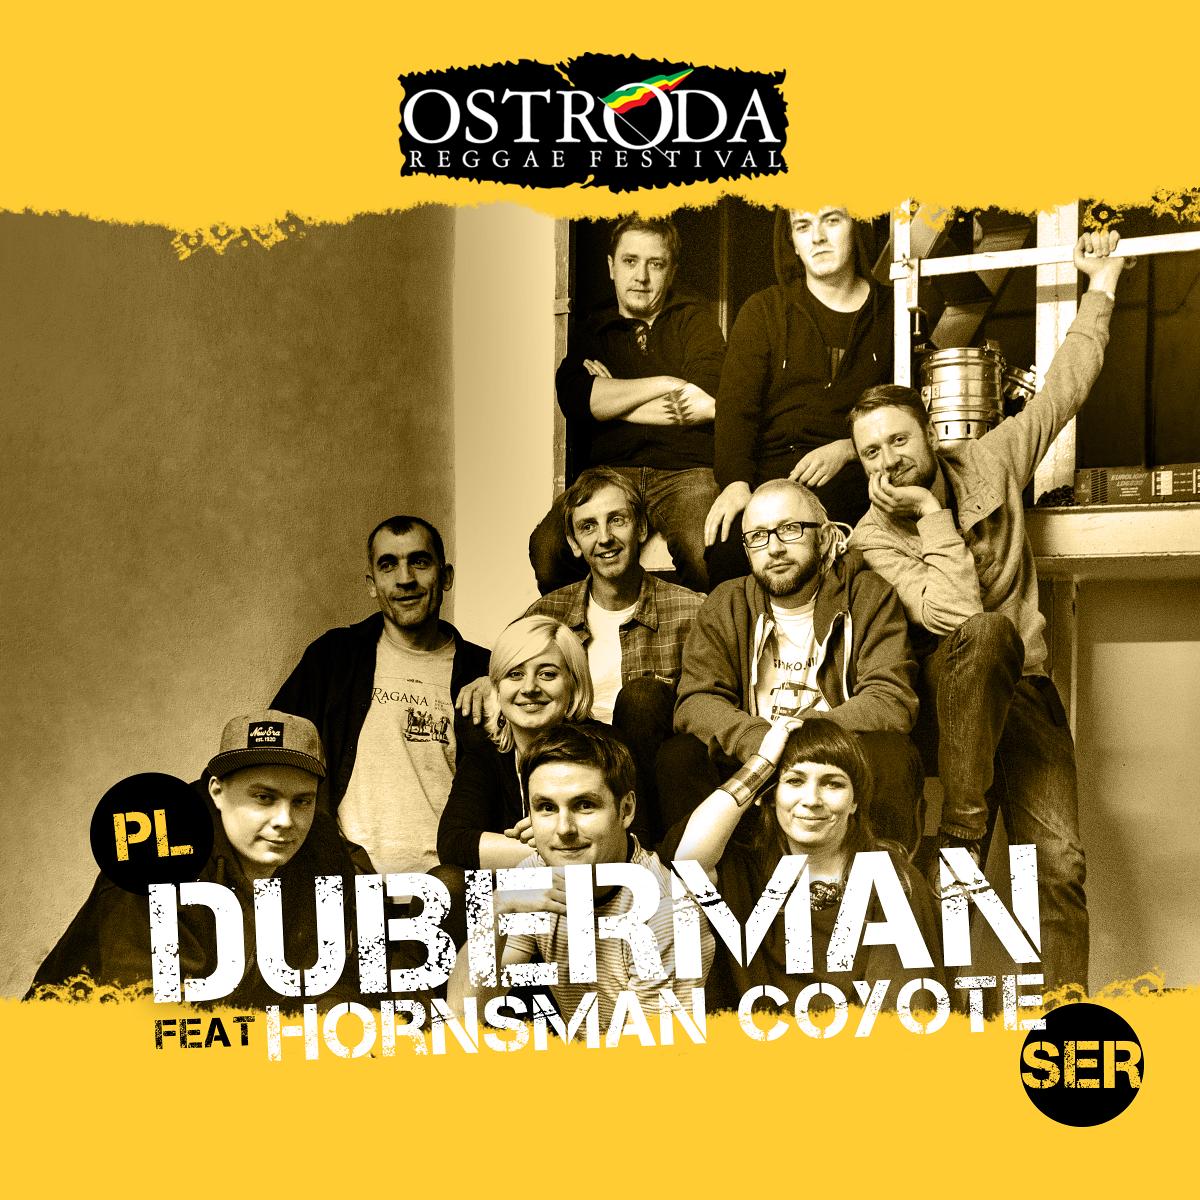 DUBERMAN feat. HORNSMAN COYOTE (Polska / Serbia)